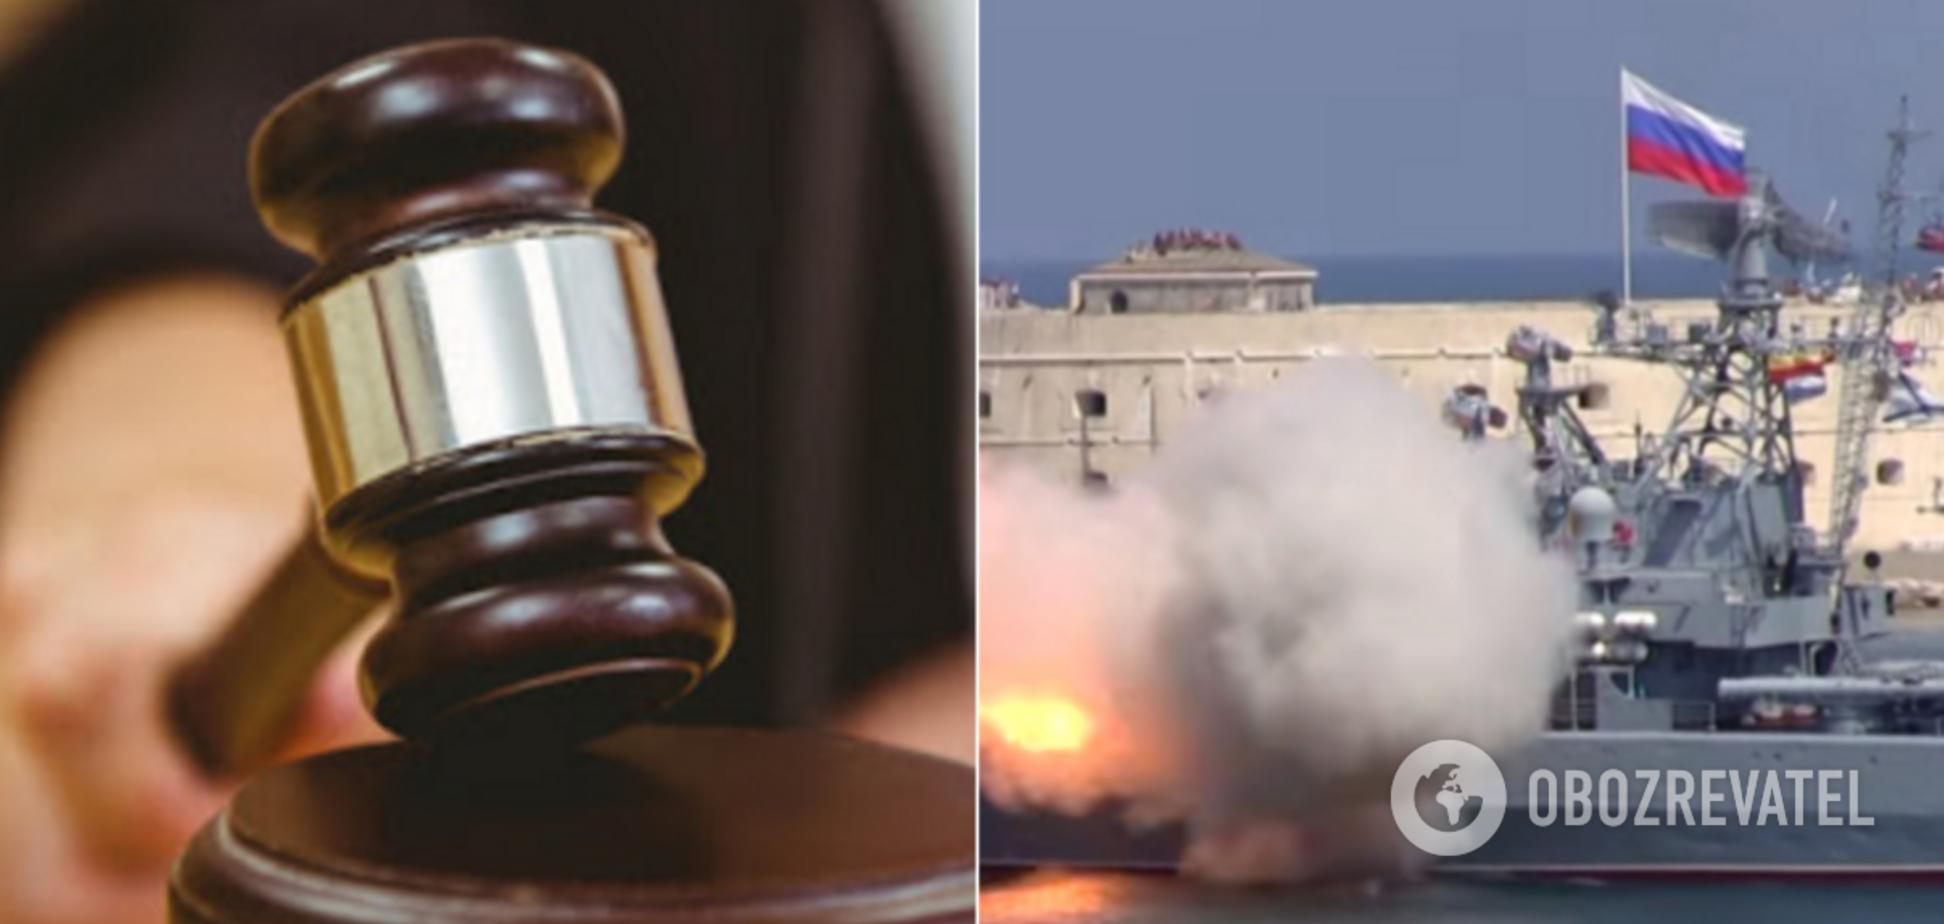 Экс-судья, подтвердившая договор о флотеРФ, попала в ВСП